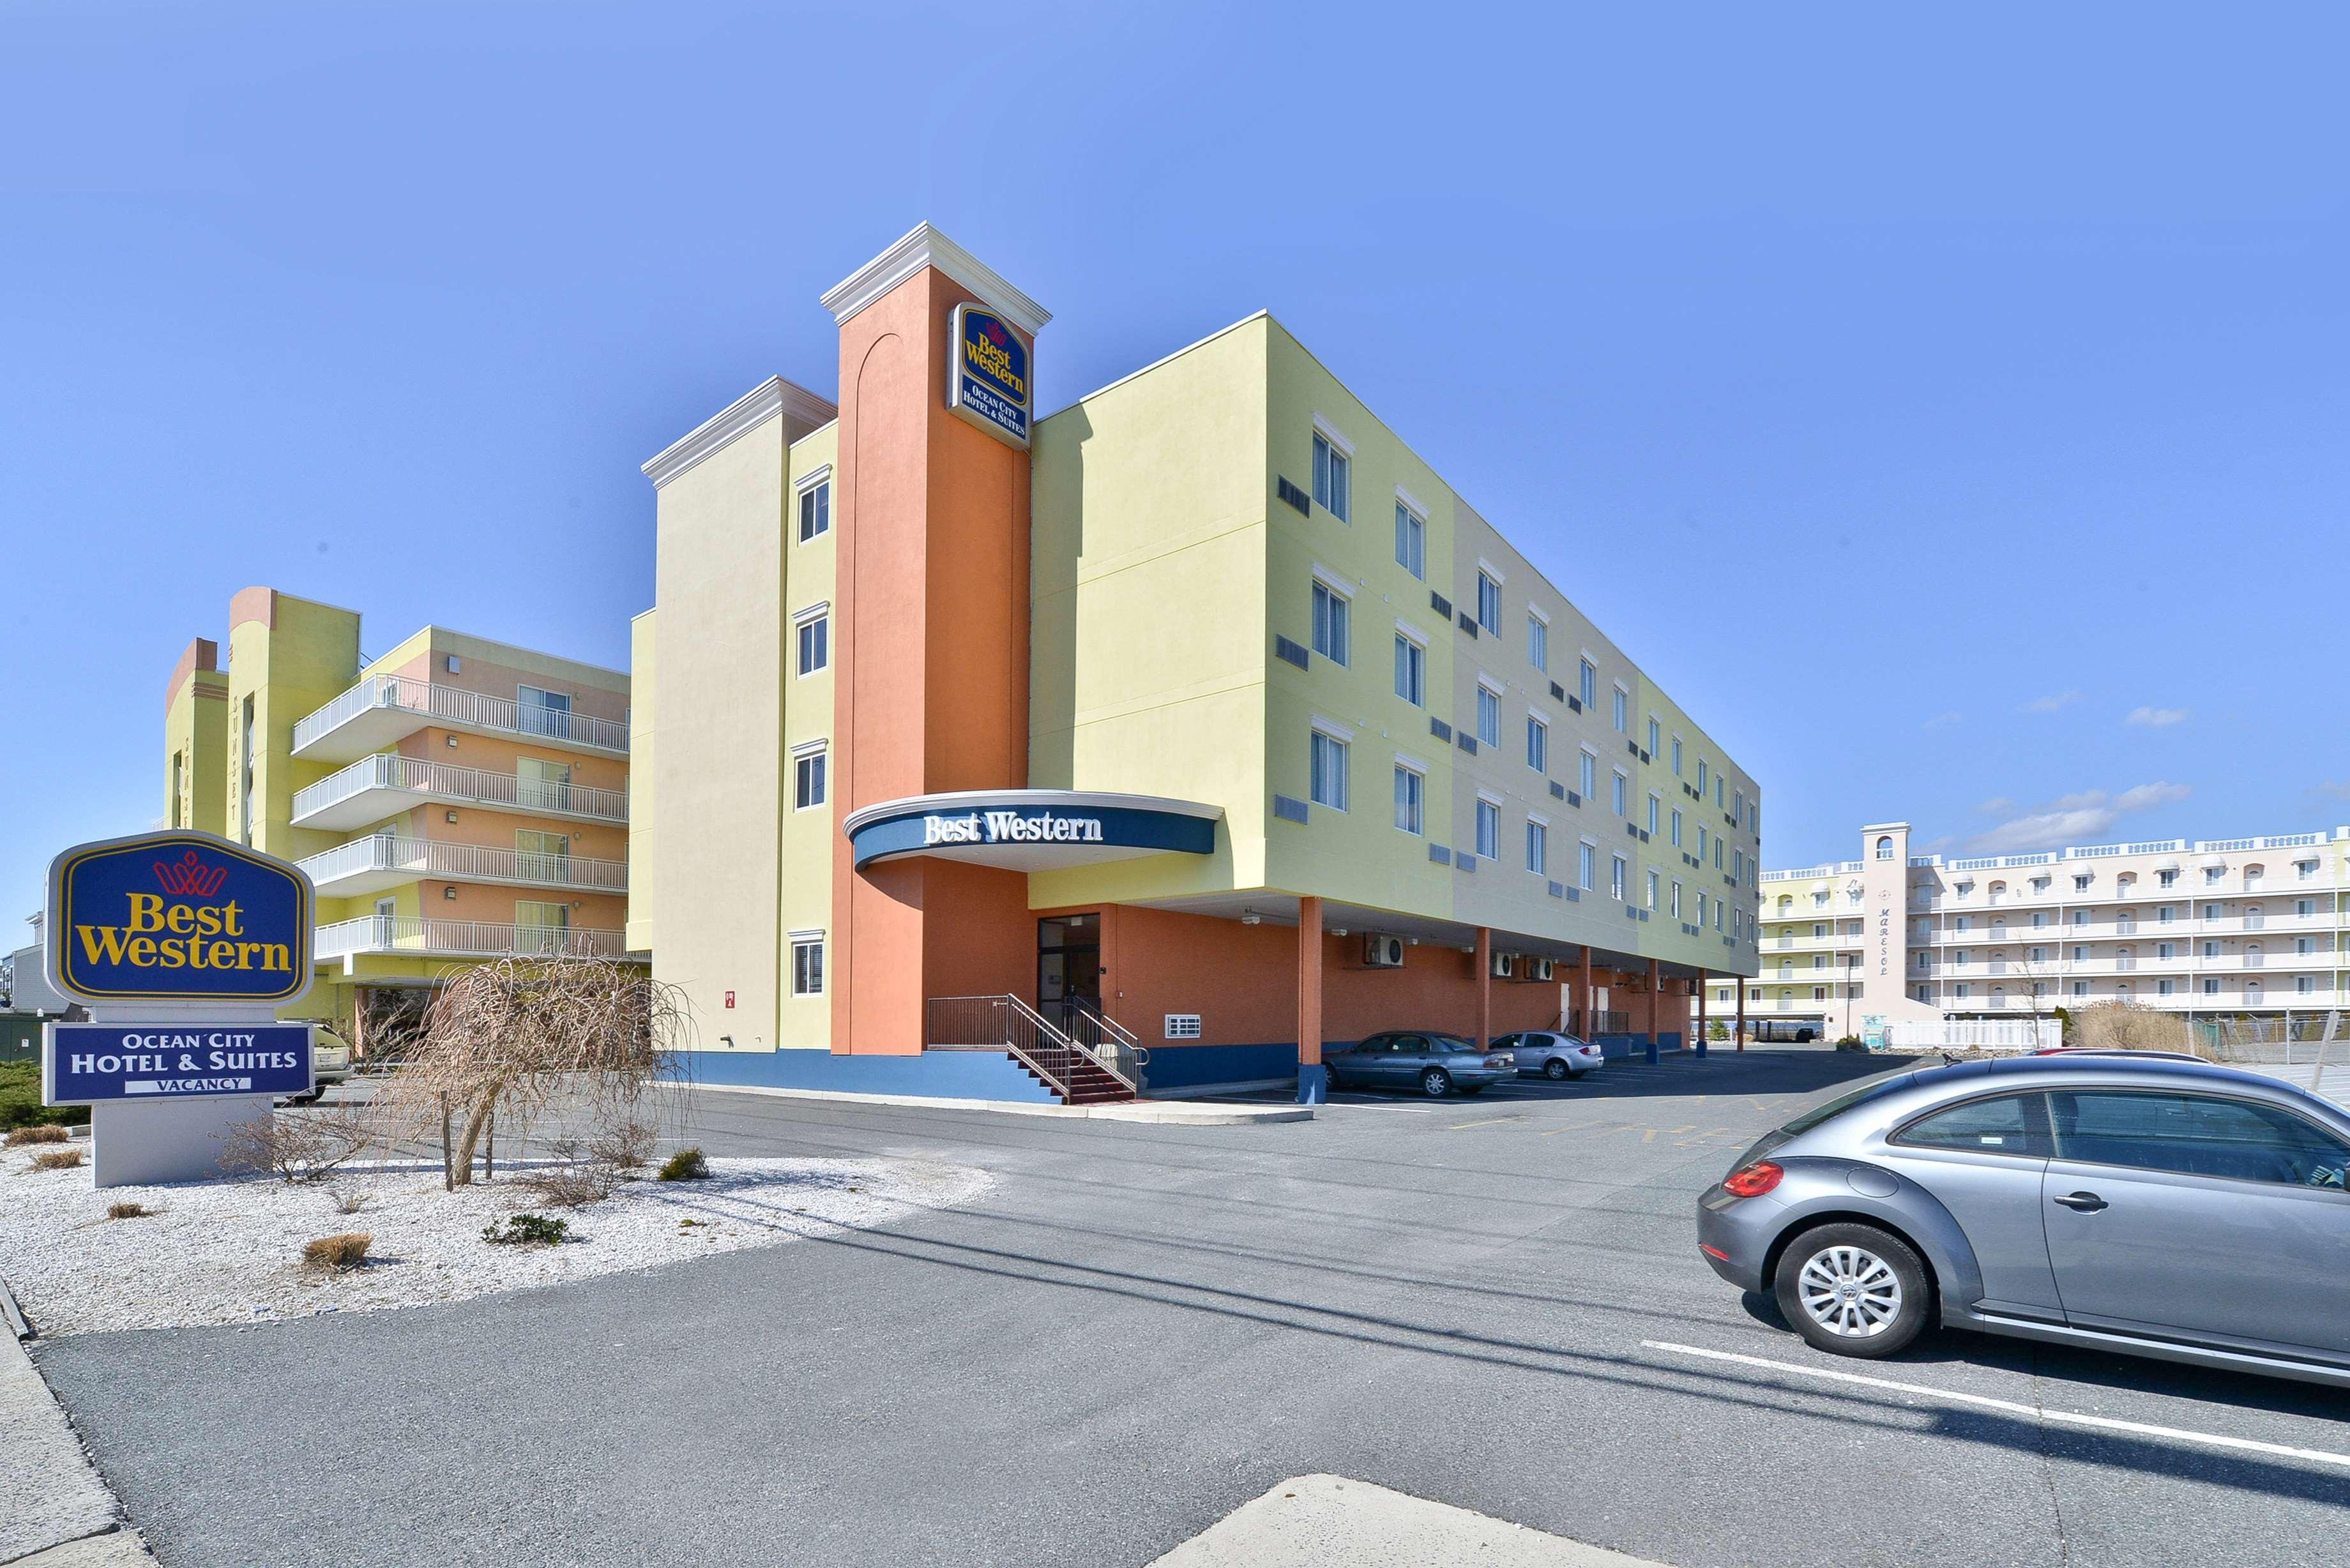 Best Western Ocean City Hotel & Suites image 1